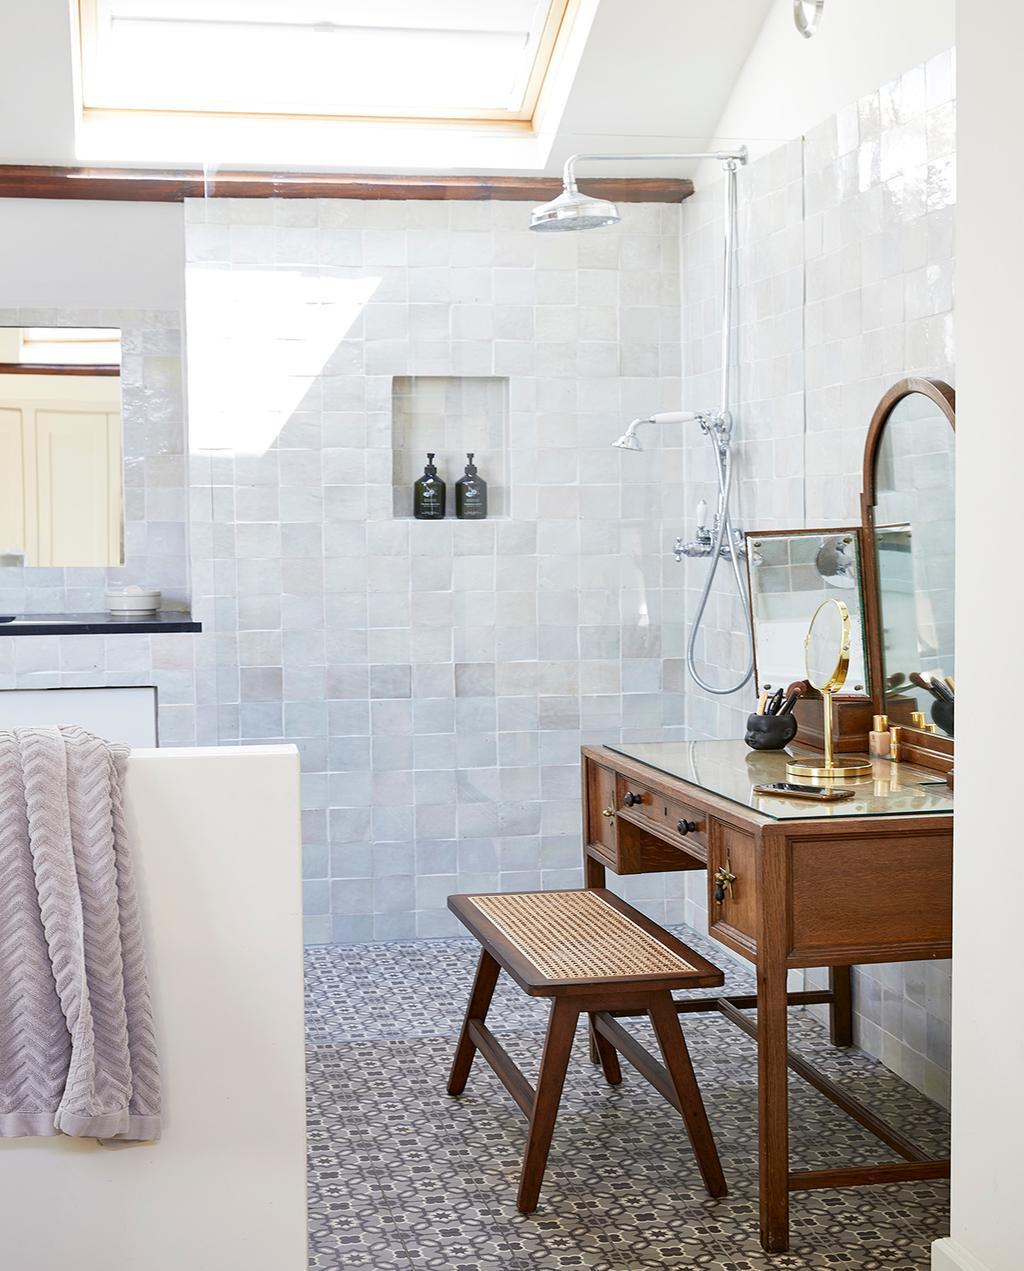 vtwonen 02-2021 | binnenkijken bij Martine badkamer met witte tegels en een makeup tafel van hout